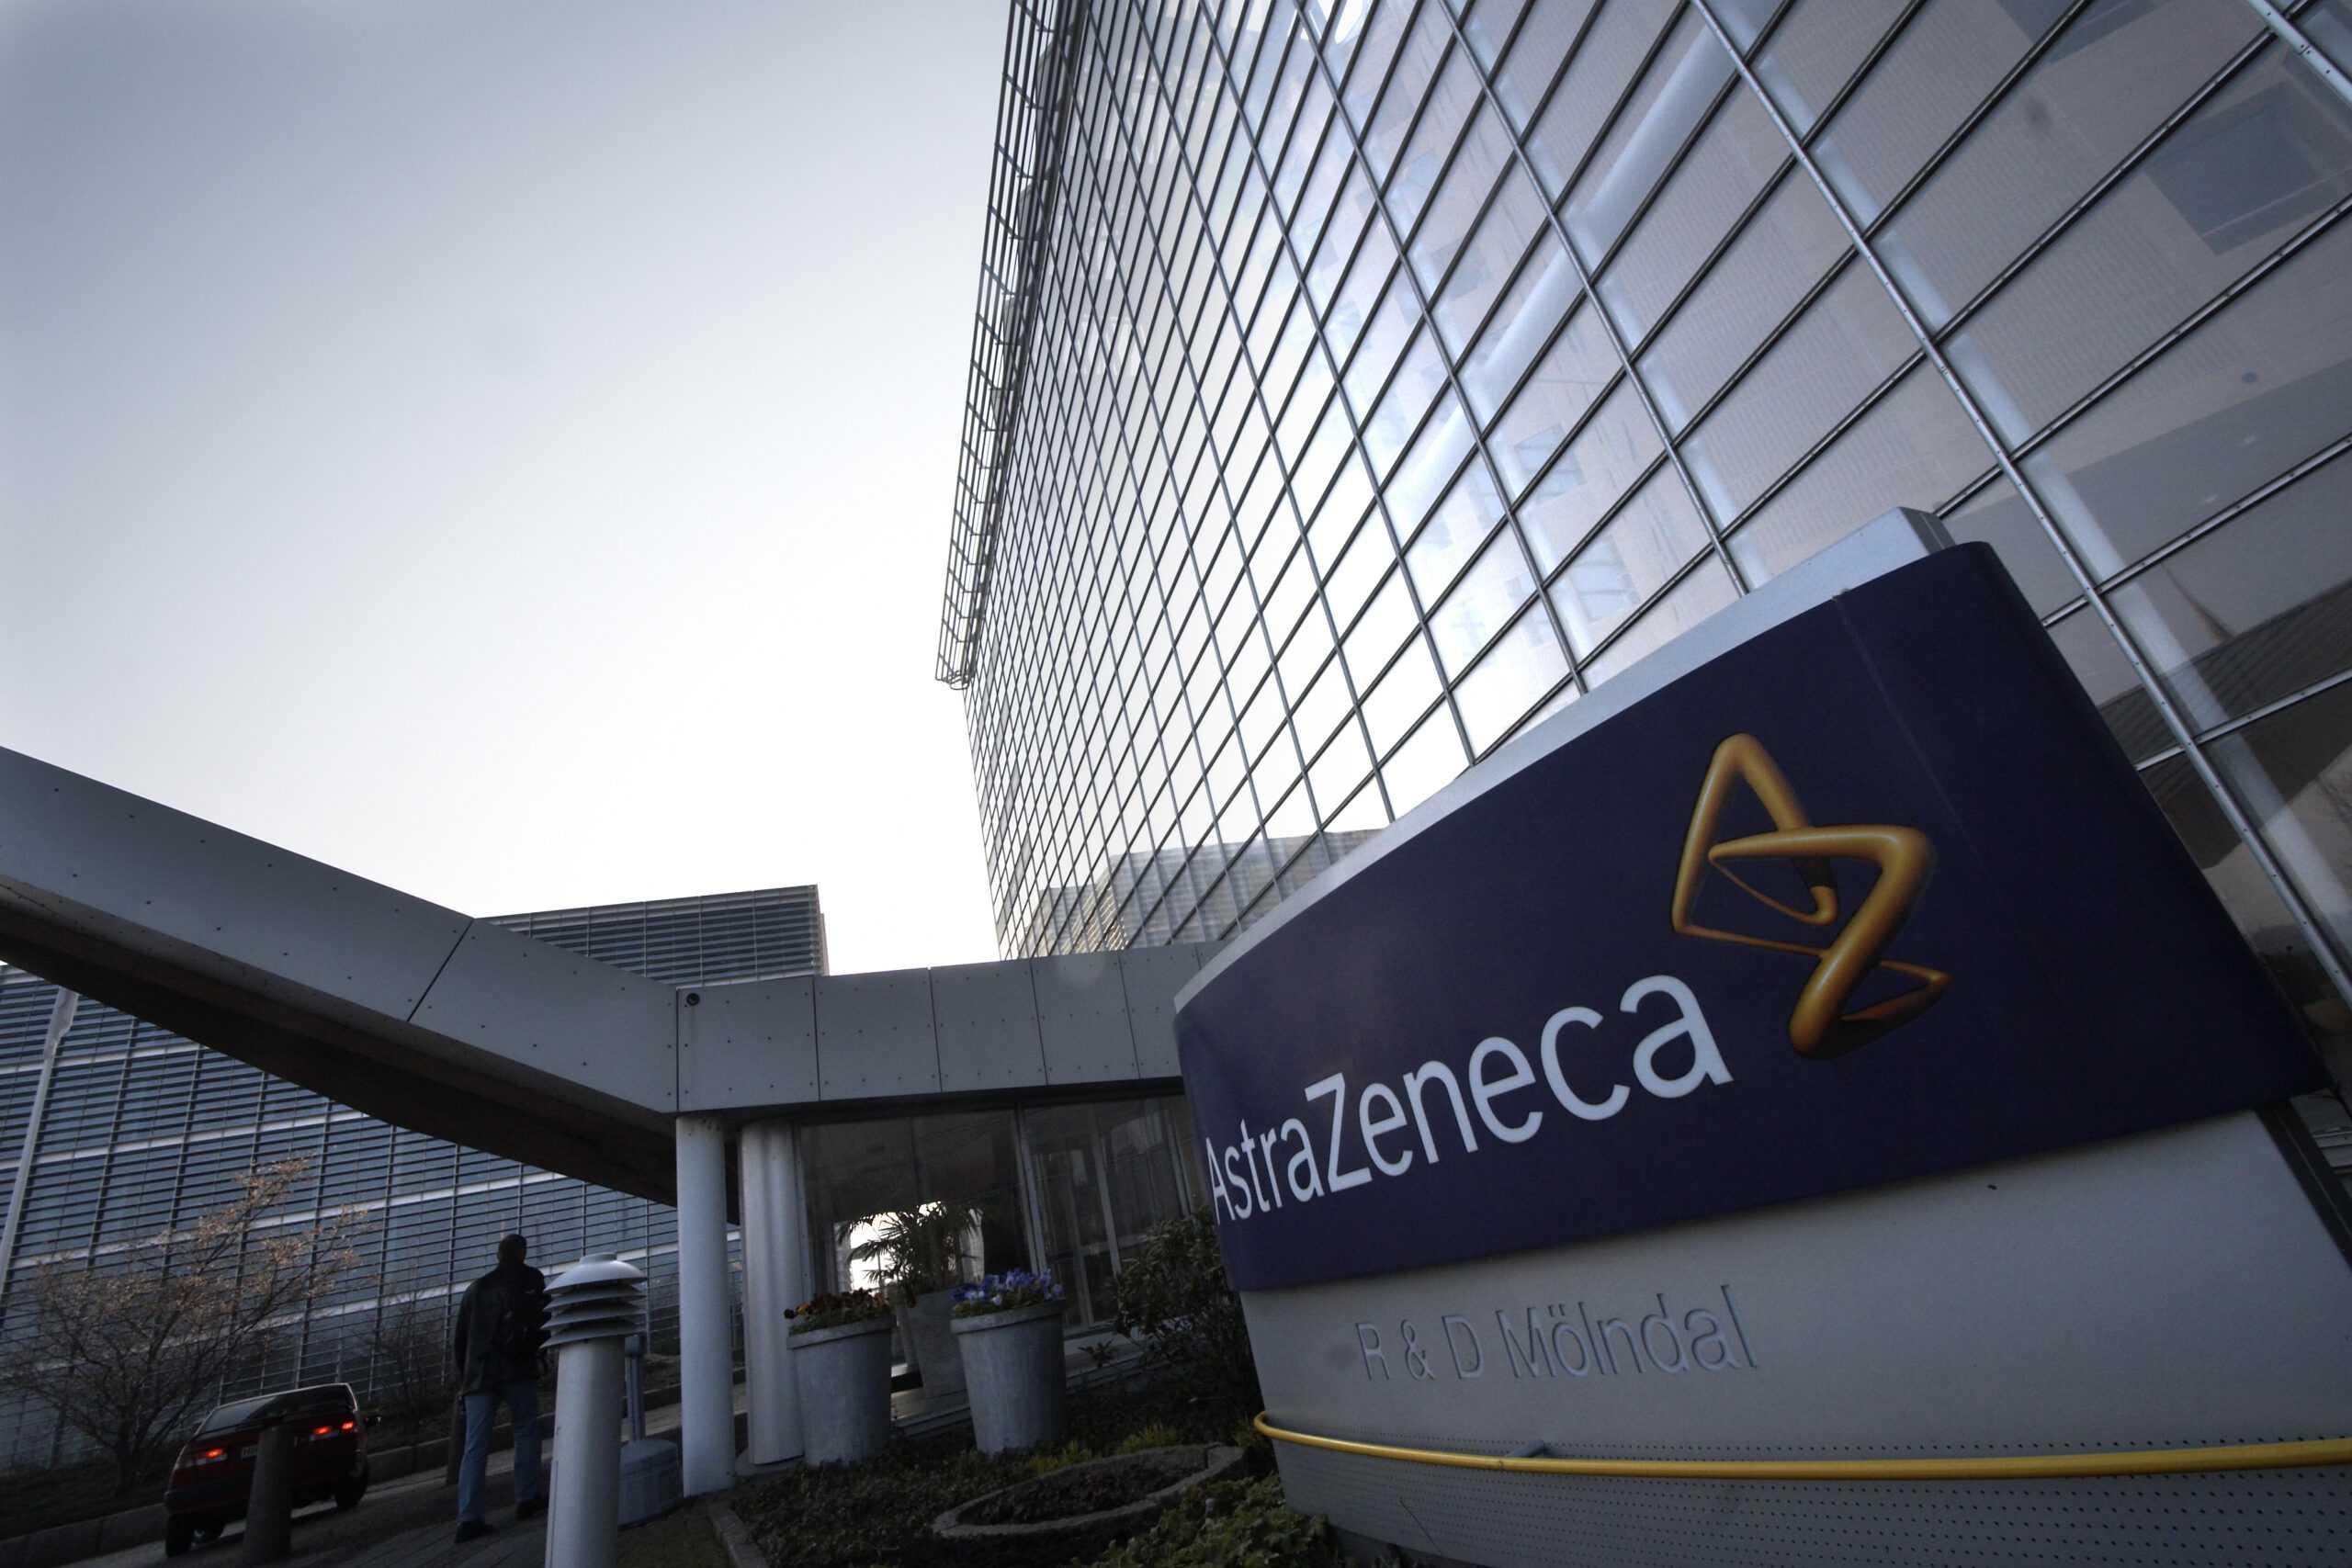 Ny strategi ska eliminera AstraZenecas utsläpp till 2025 och göra hela värdekedjan koldioxidnegativ till 2030 1